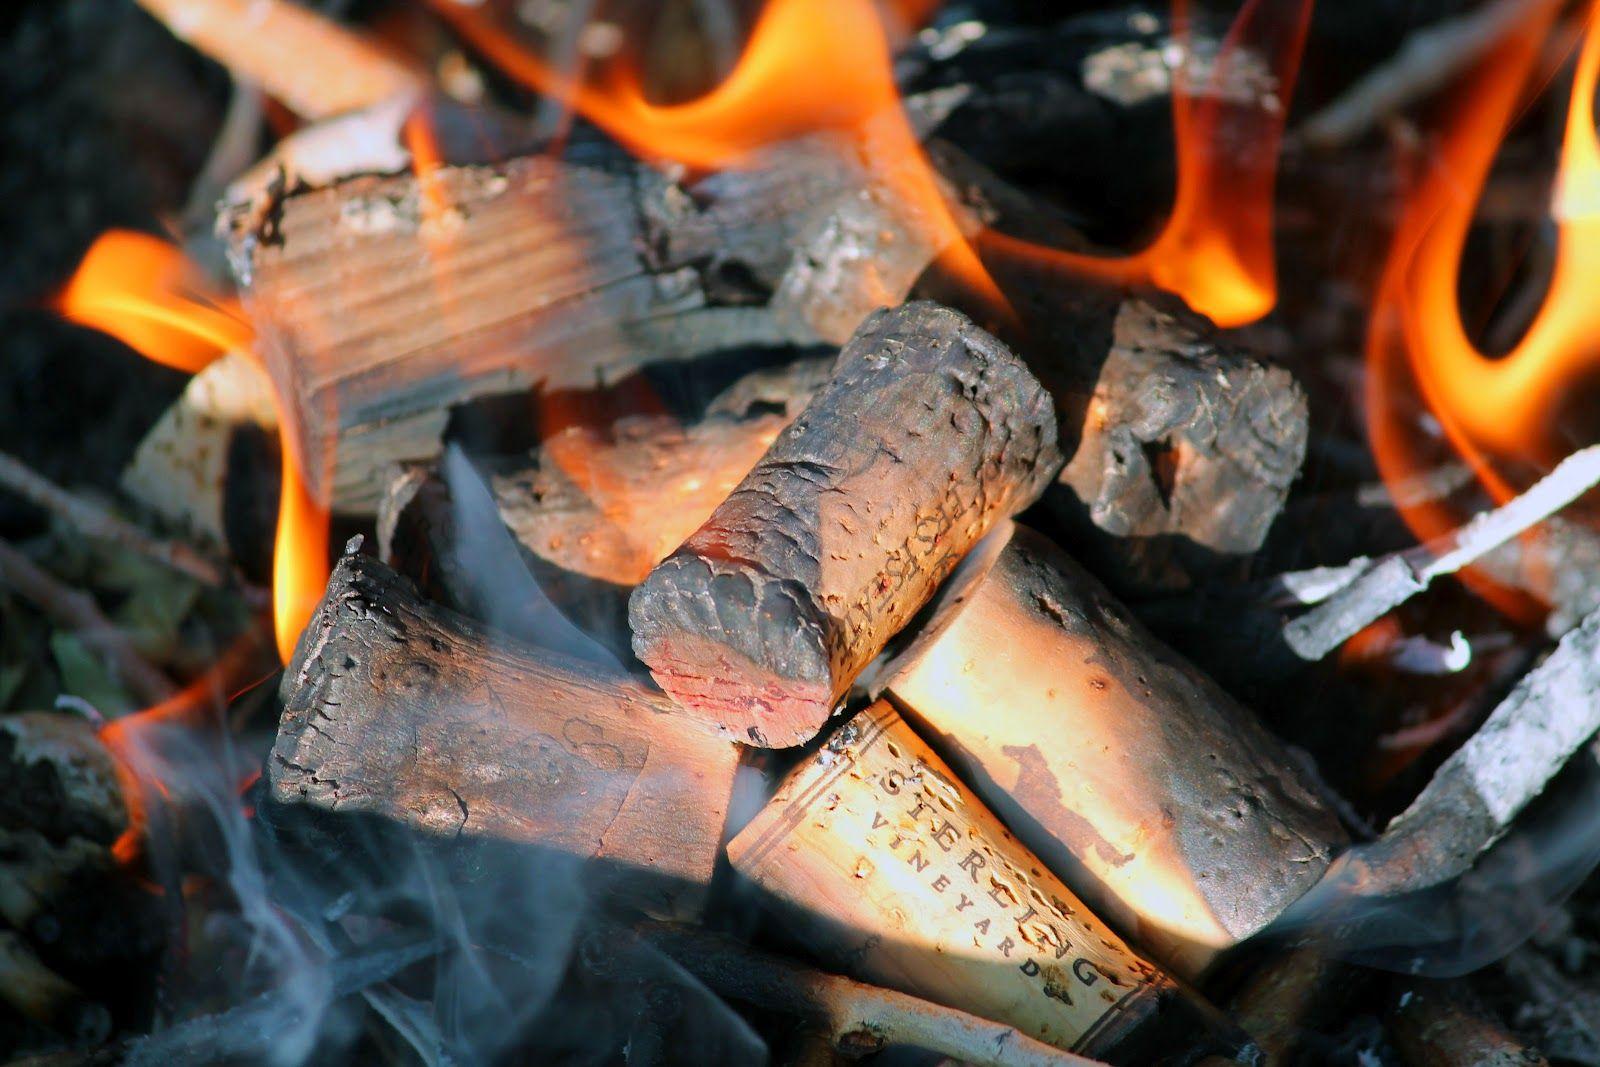 Wine corks soaked in rubbing alcohol-These little firestarters work great in backyard fire rings!